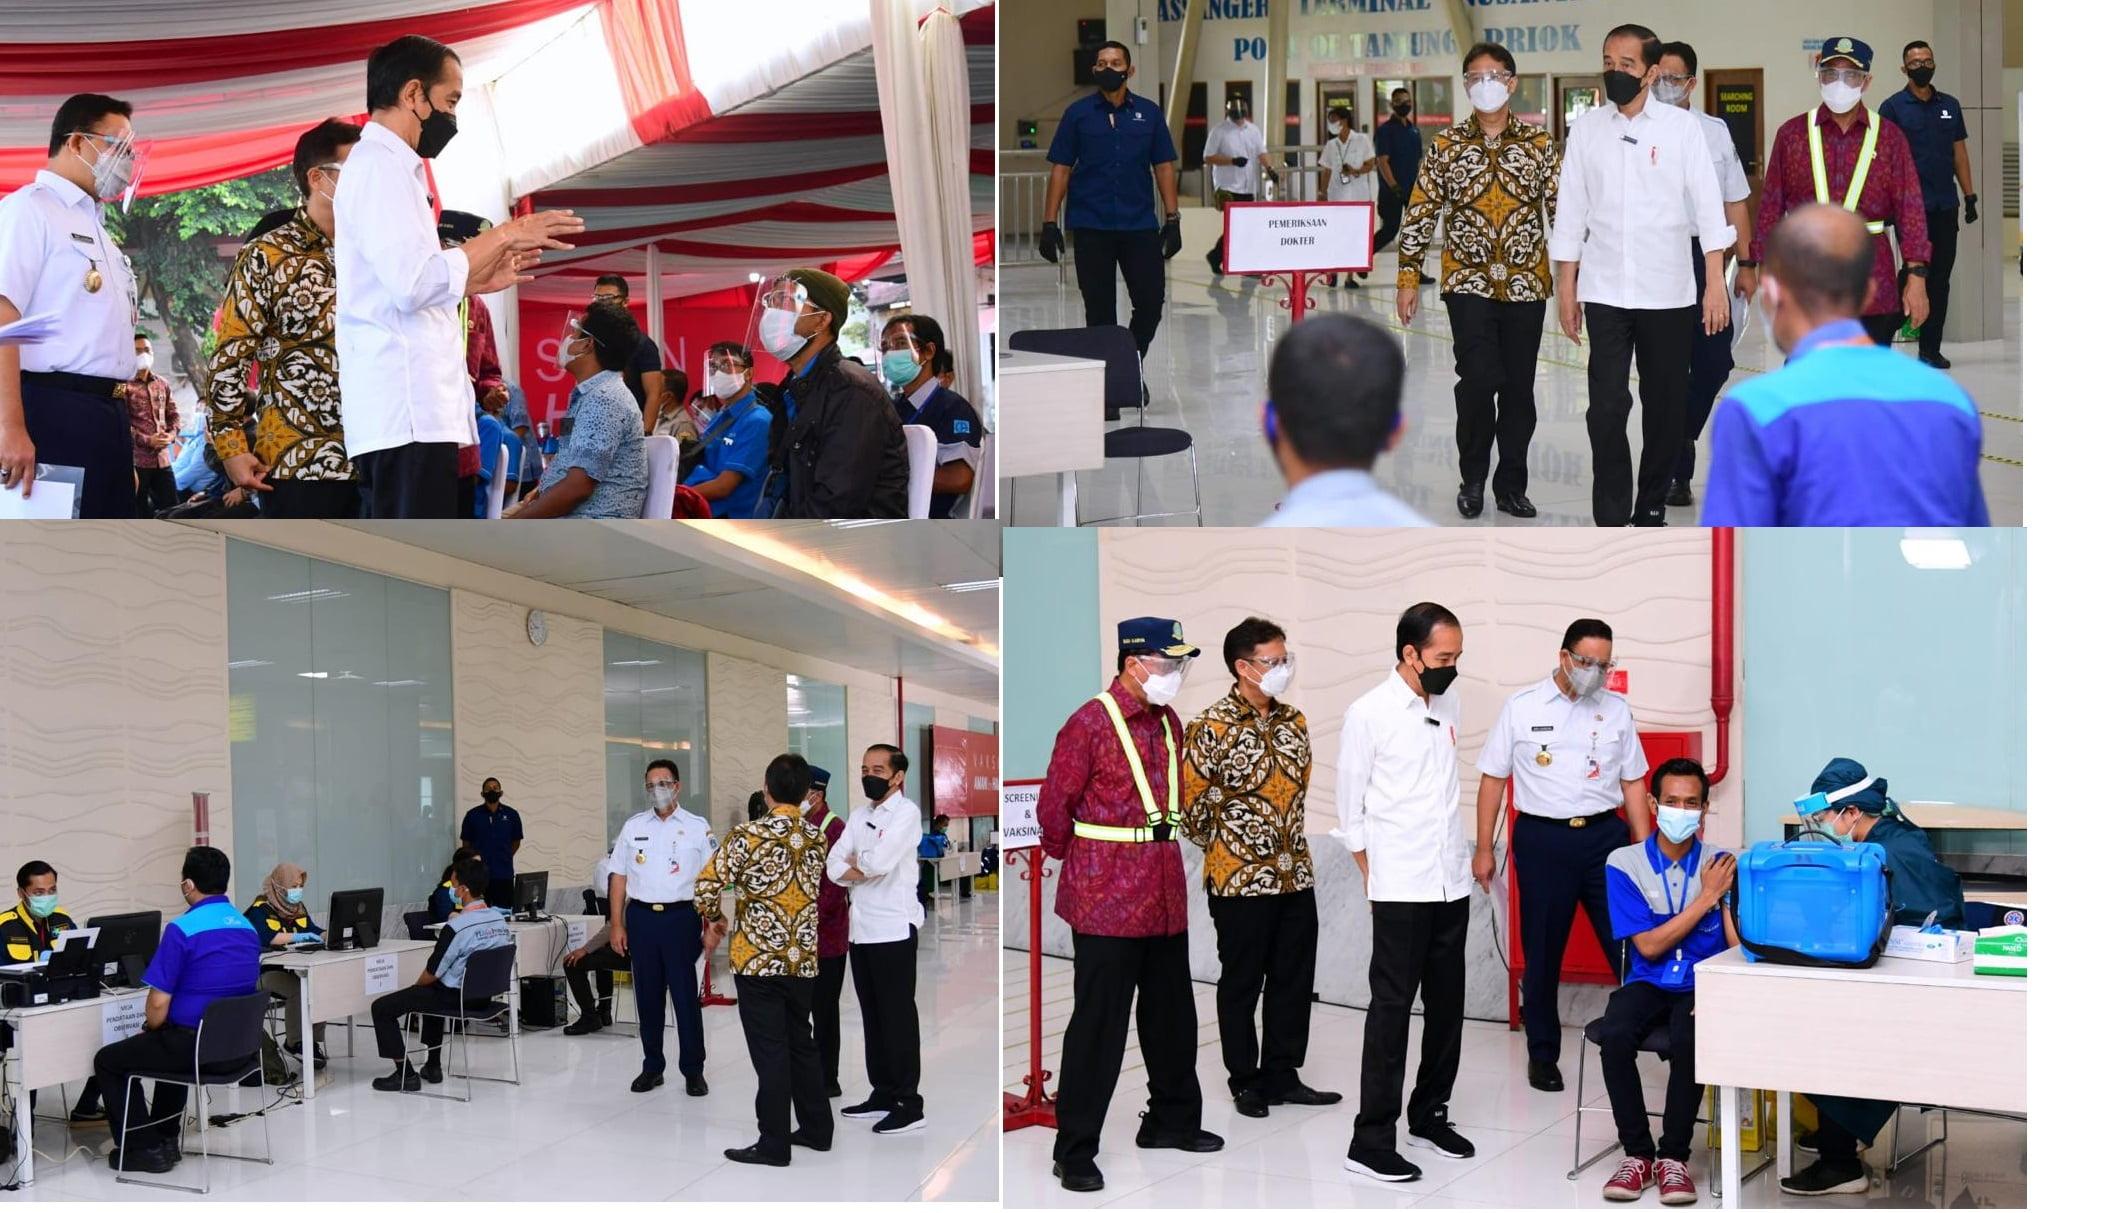 Jokowi Tinjau Vaksinasi Di Kampung Rambutan, Pelabuhan Tanjung Priok Serta Pelabuhan Sunda Kelapa